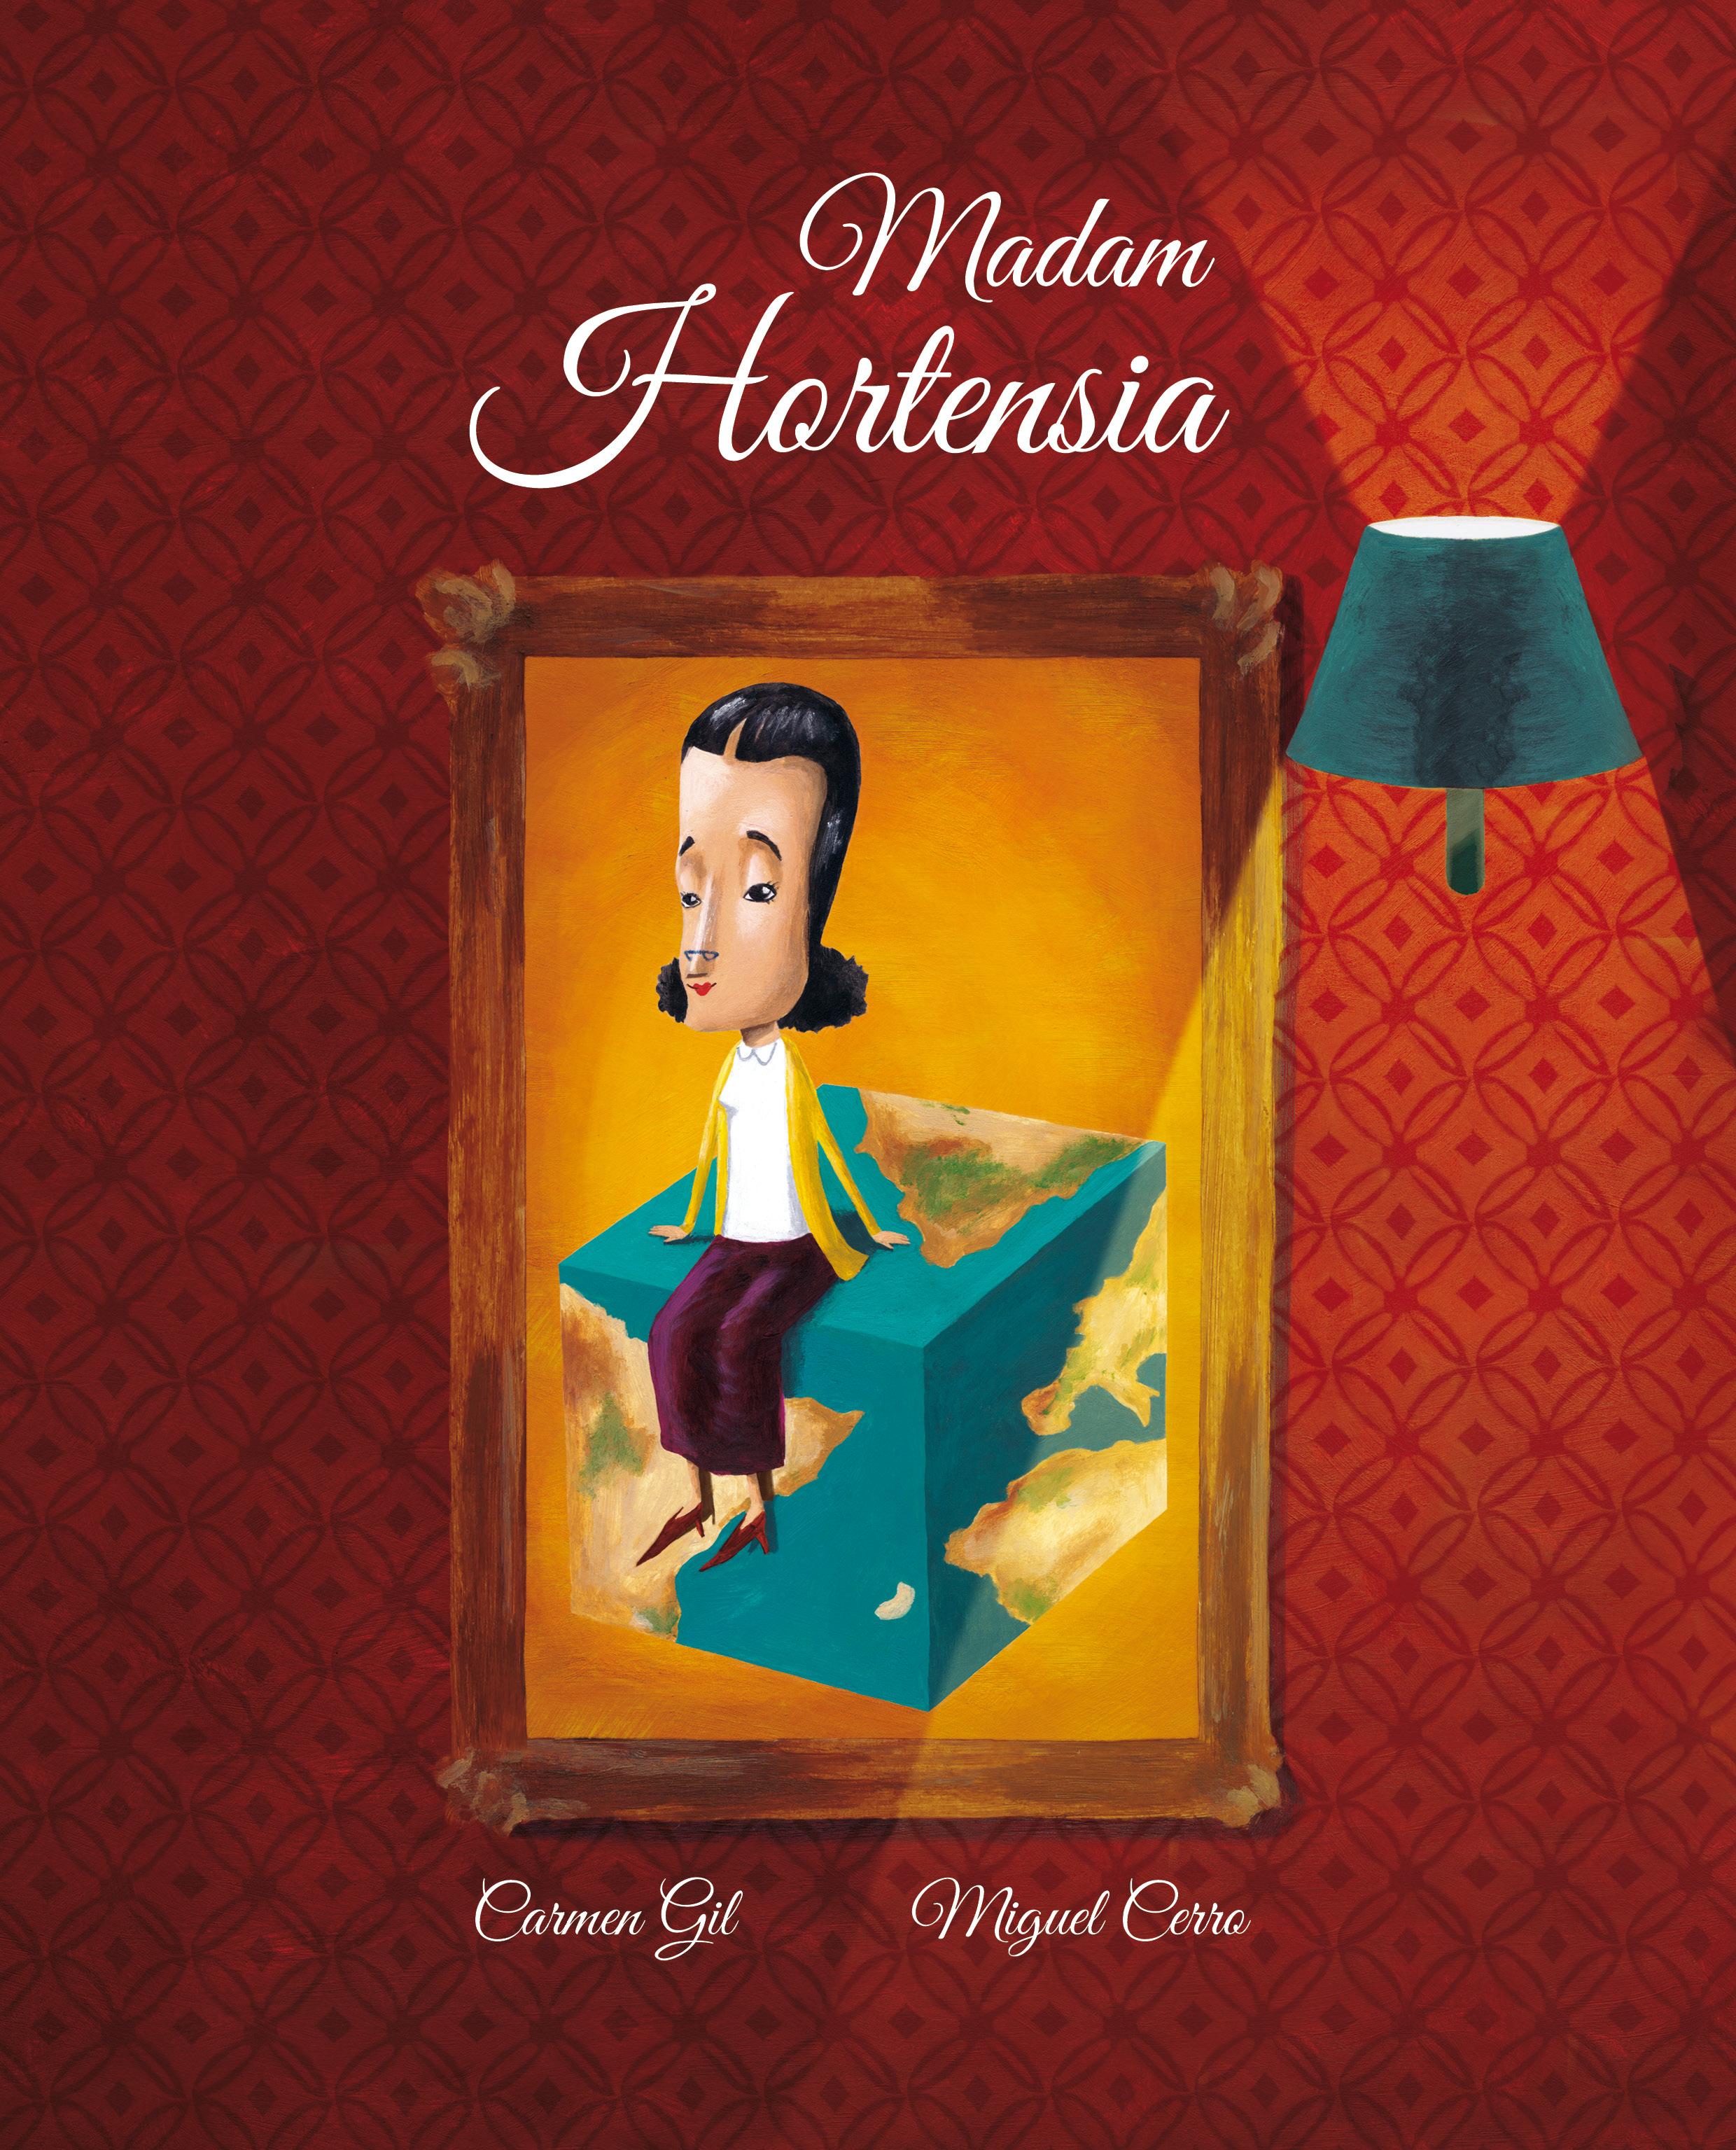 Madam Hortensia